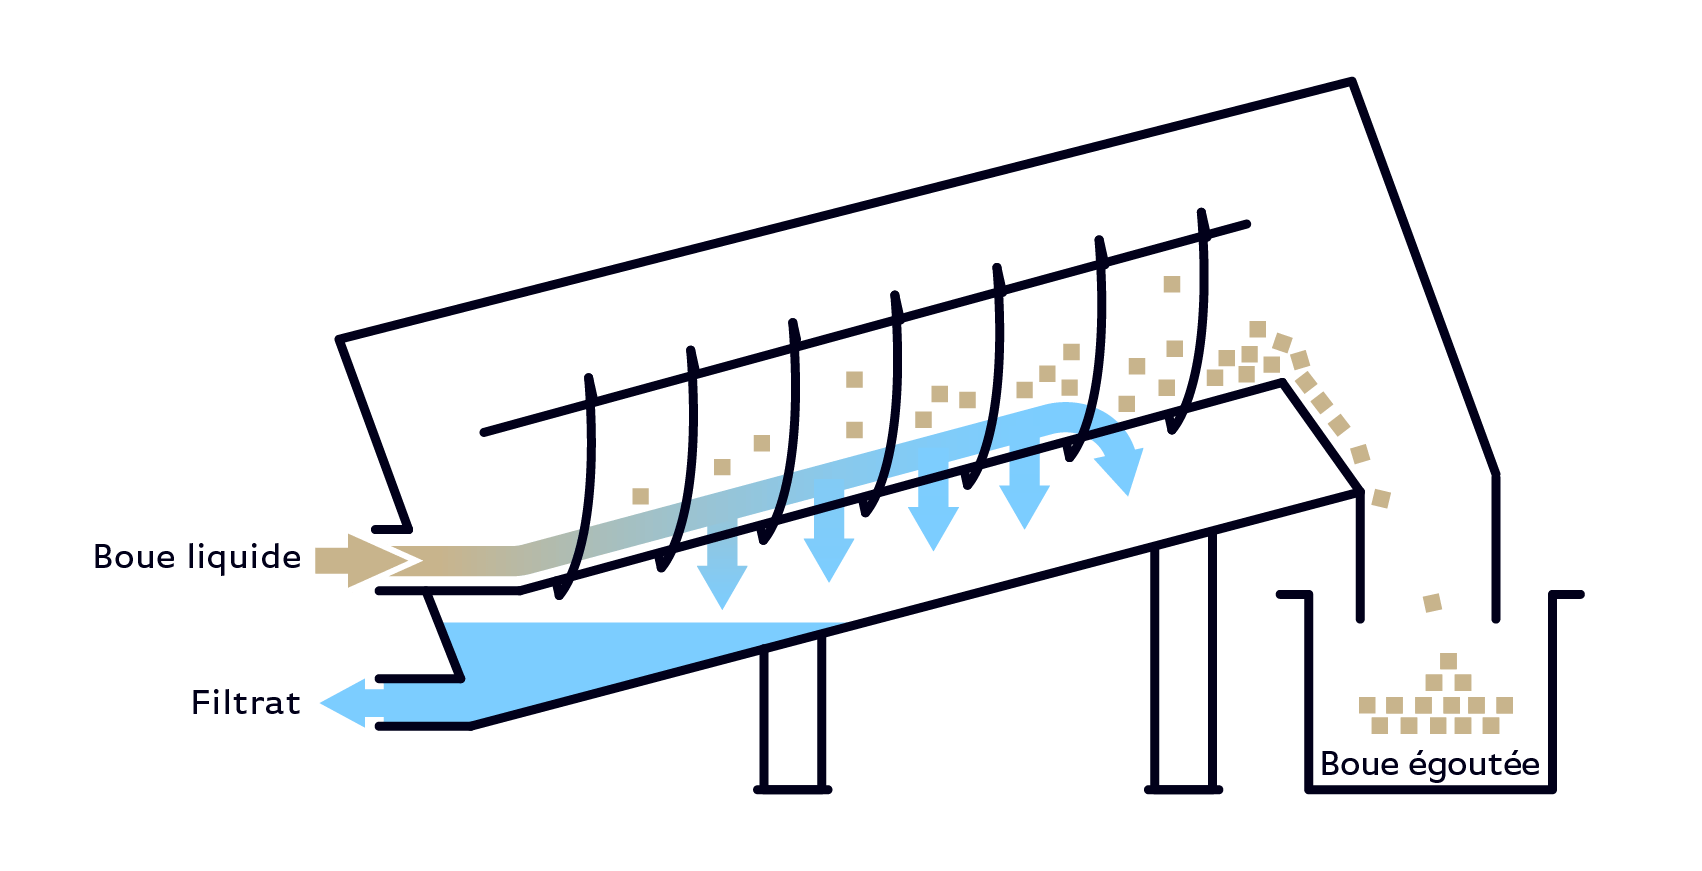 Serinol solutions et equipement de traitement des eaux schema principe equipement trommel tamis rotatif a alimentation interne SERTROM boue